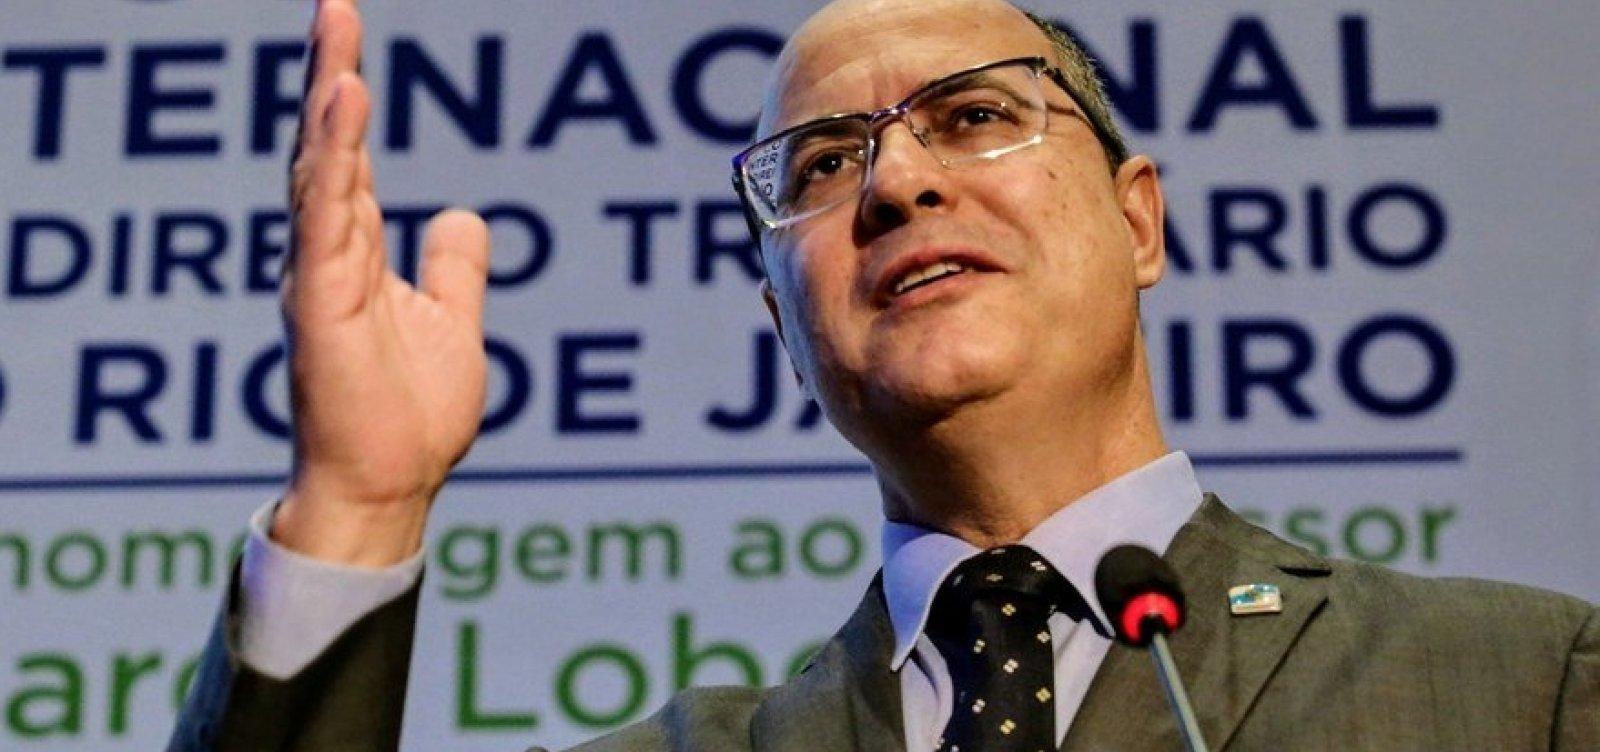 [Governador do Rio se esquiva de comentar morte com 80 tiros: 'Não me cabe fazer juízo de valor']